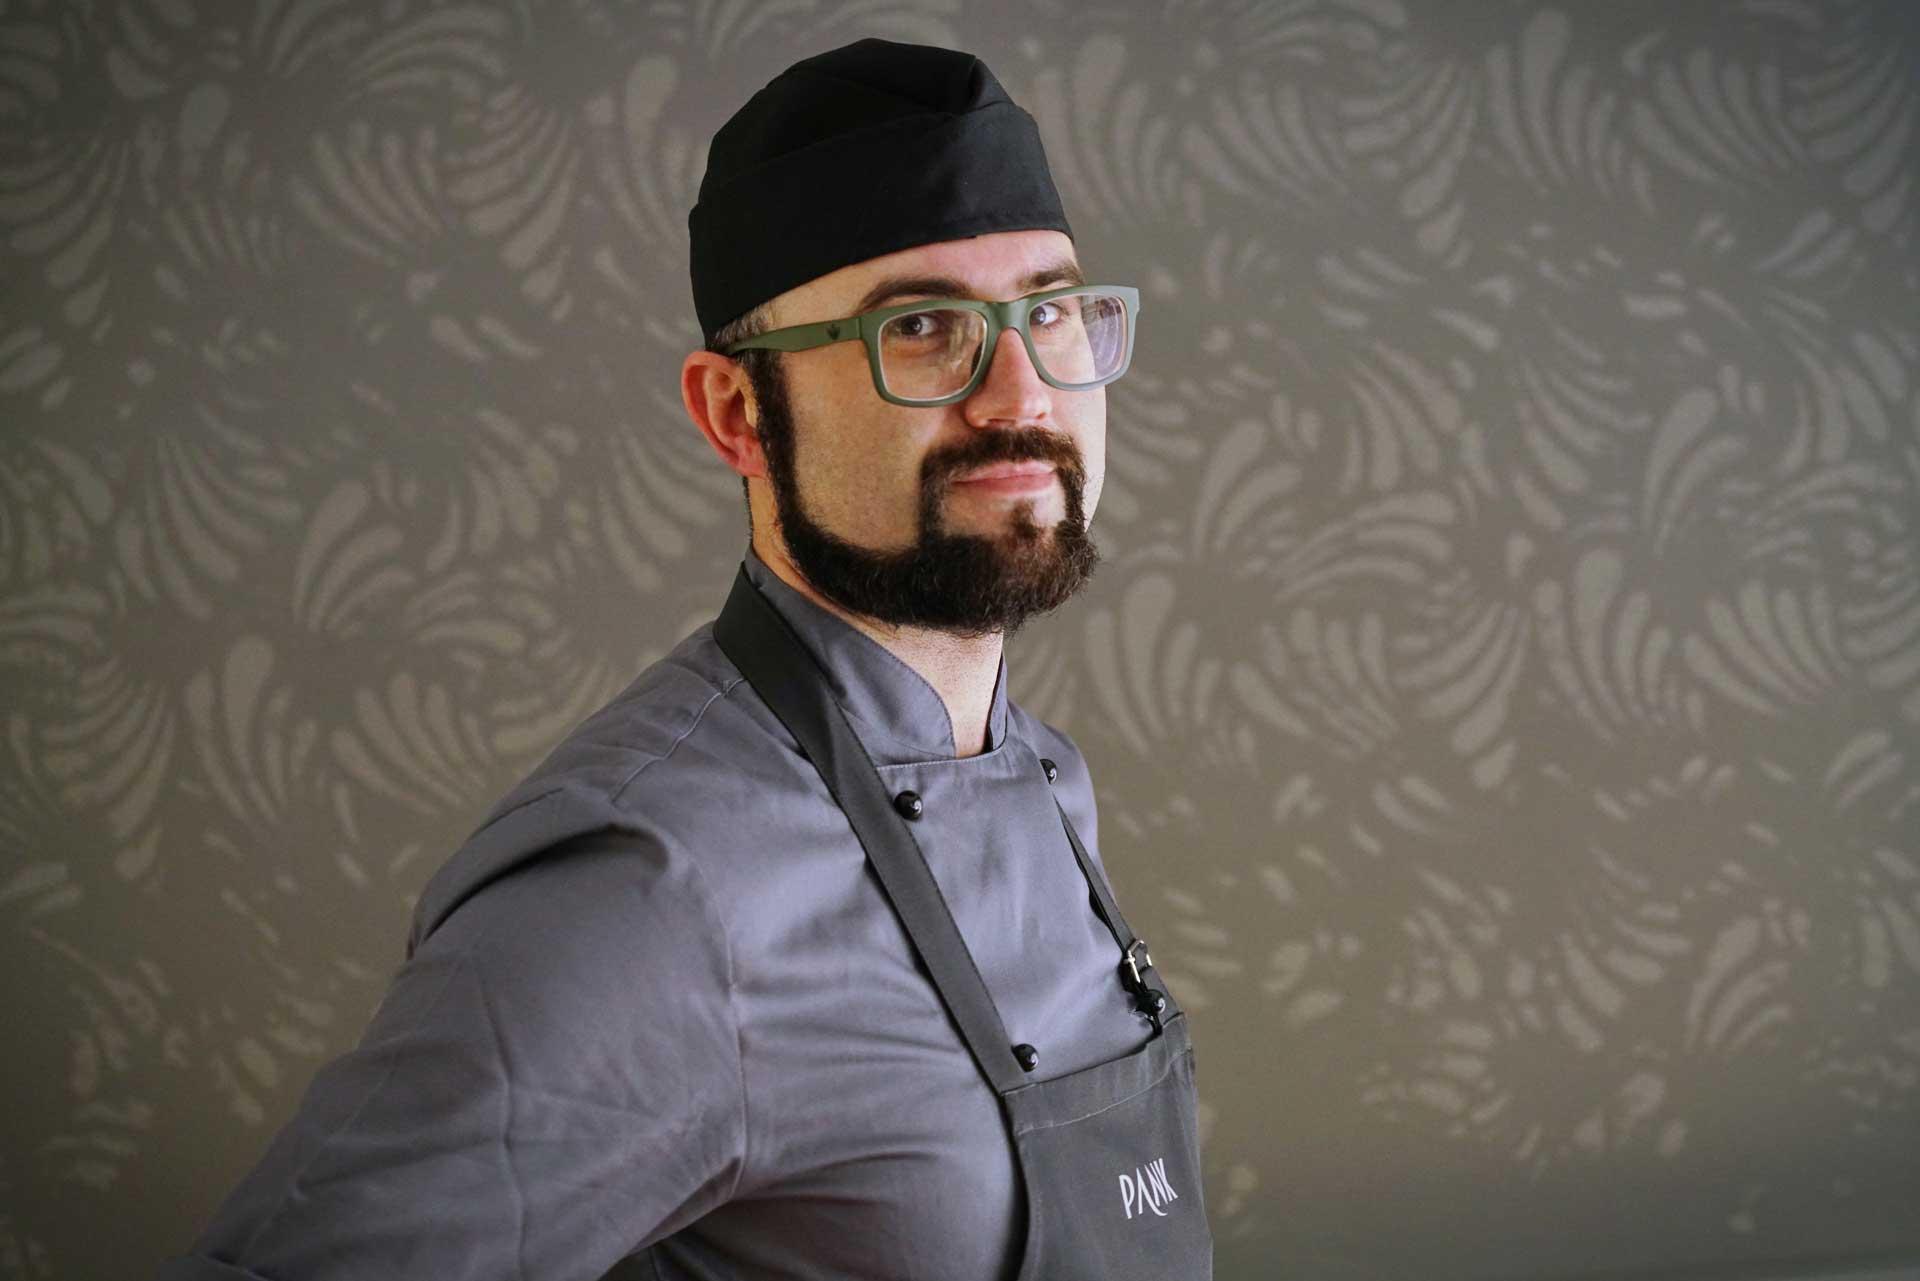 Chef Ivan Accorsi